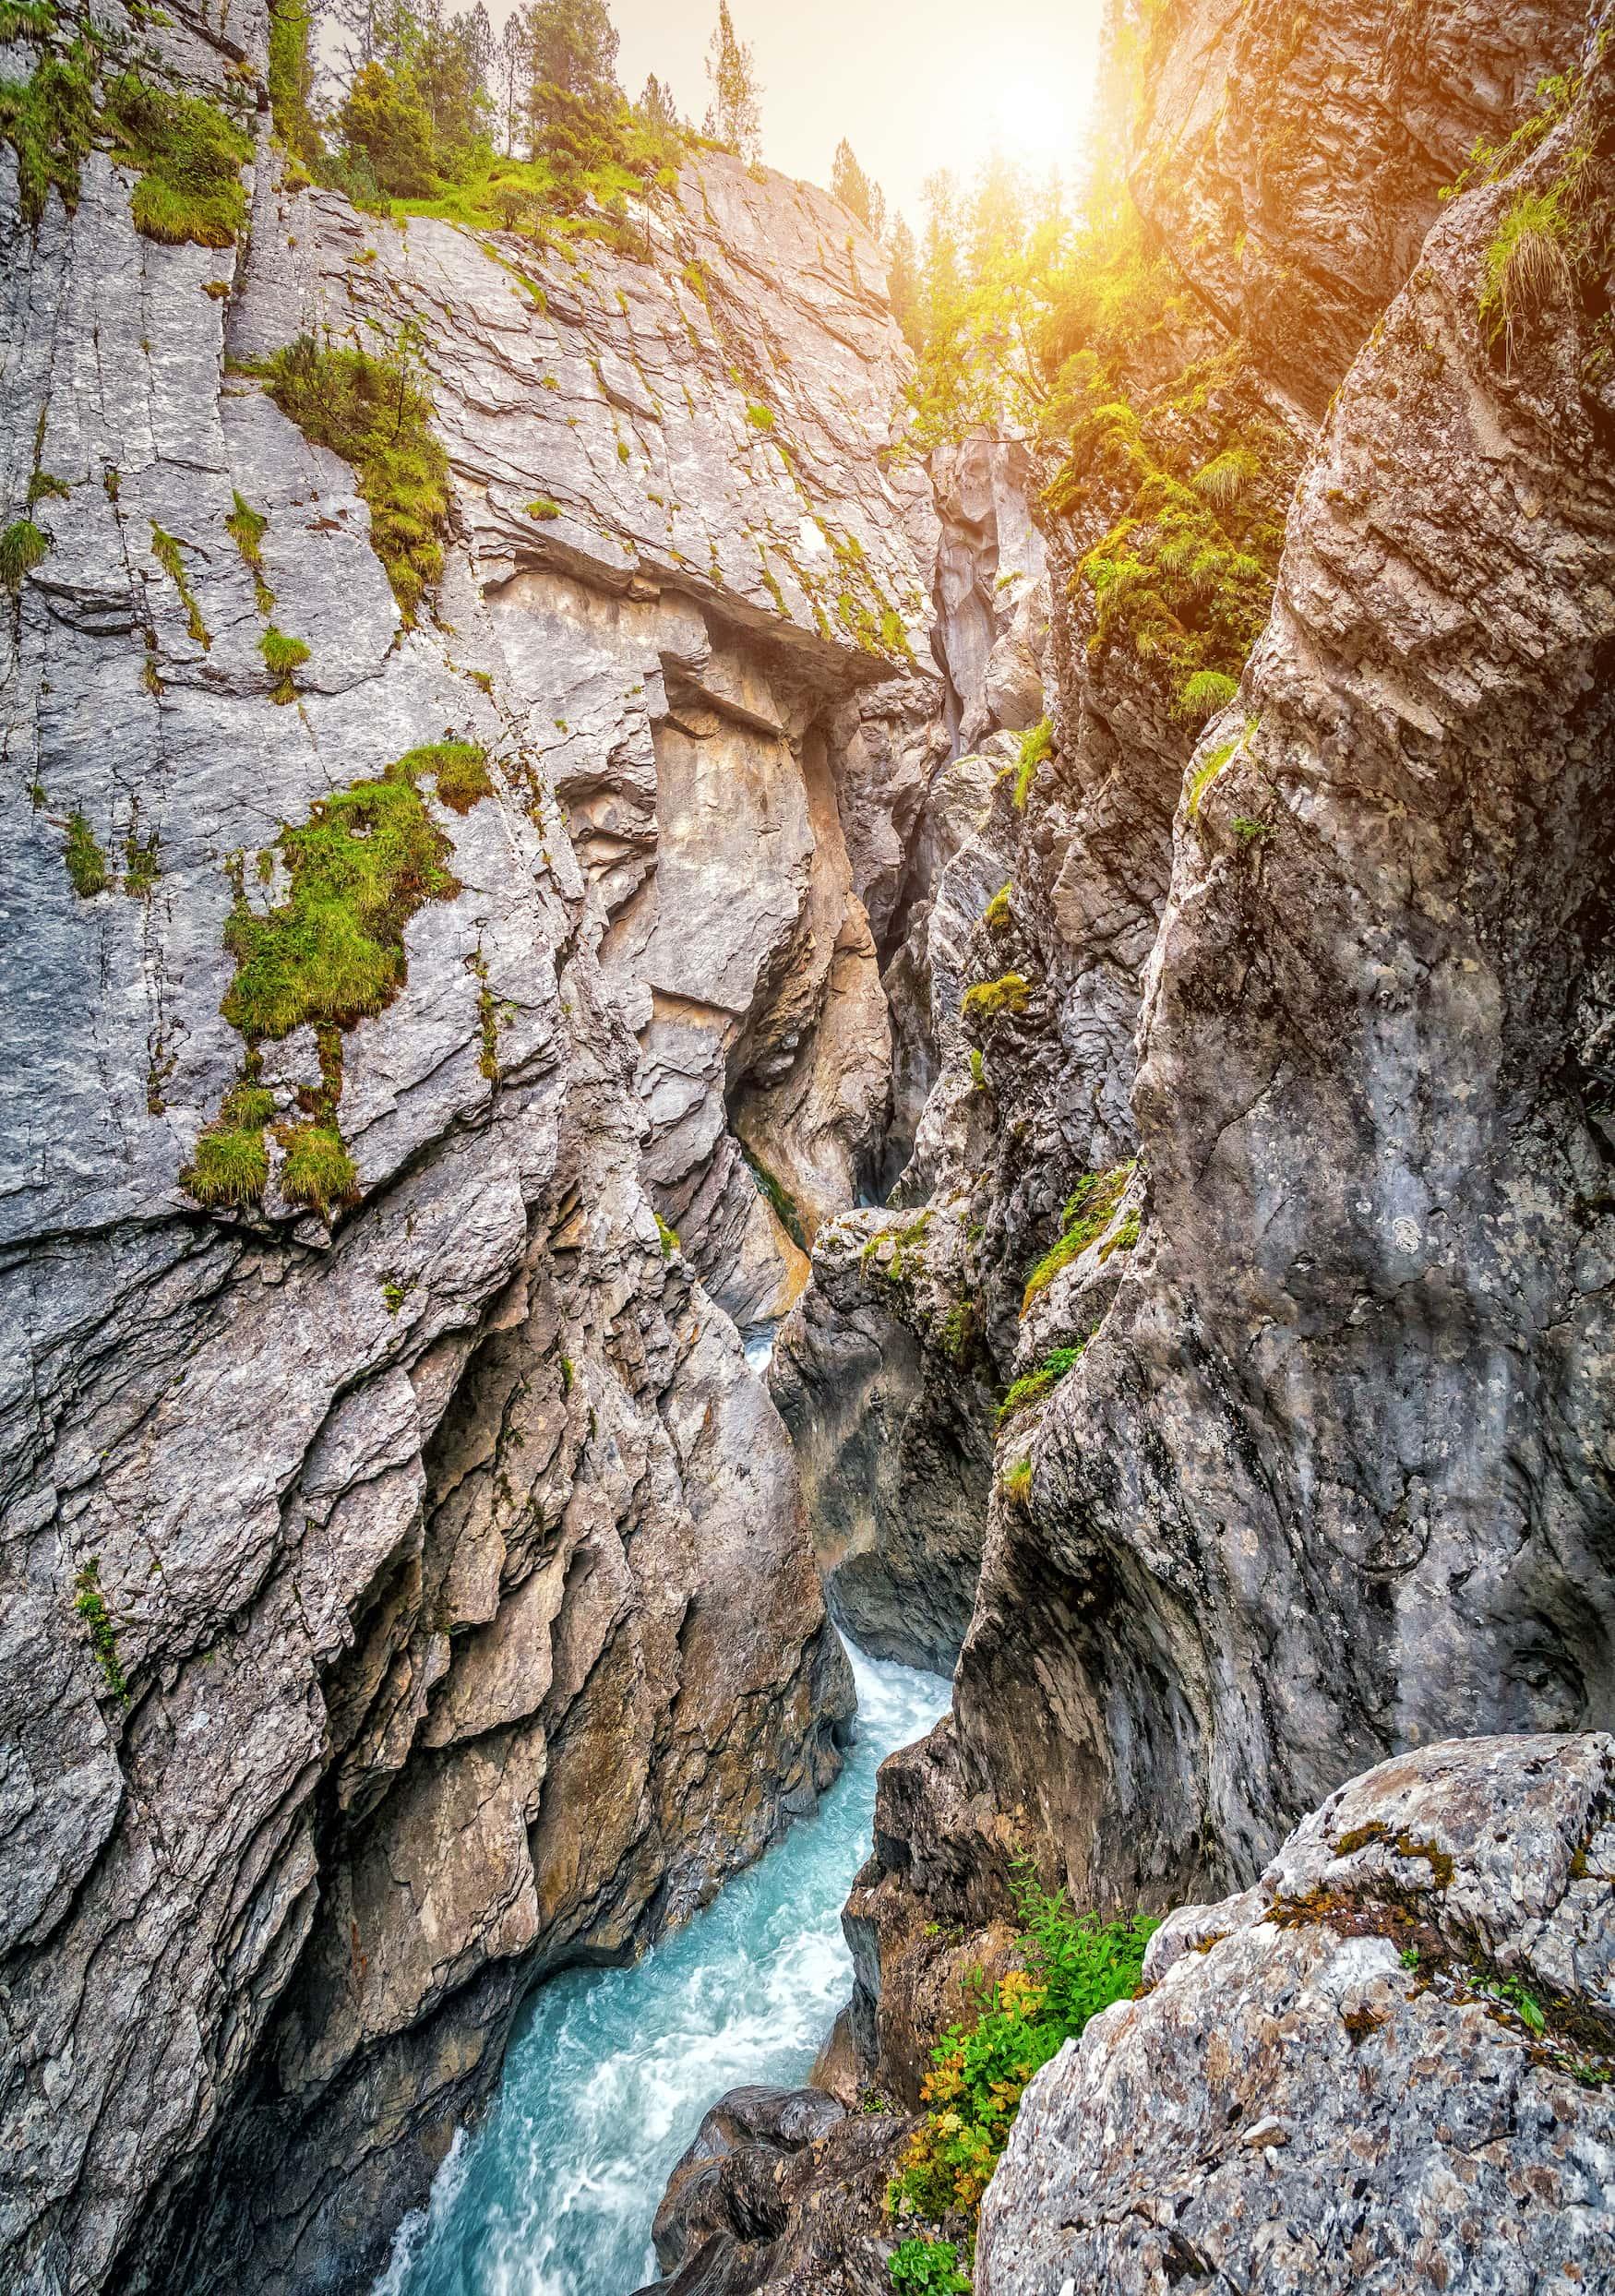 Schöne Aussicht auf die berühmte mystische Rosenlauigletscherschlucht (Rosenlaui Gletscherschlucht), die seit 2001 zum UNESCO-Welterbe gehört, von einem schmalen Wanderweg in den Berner Alpen im Sommer, Schweiz